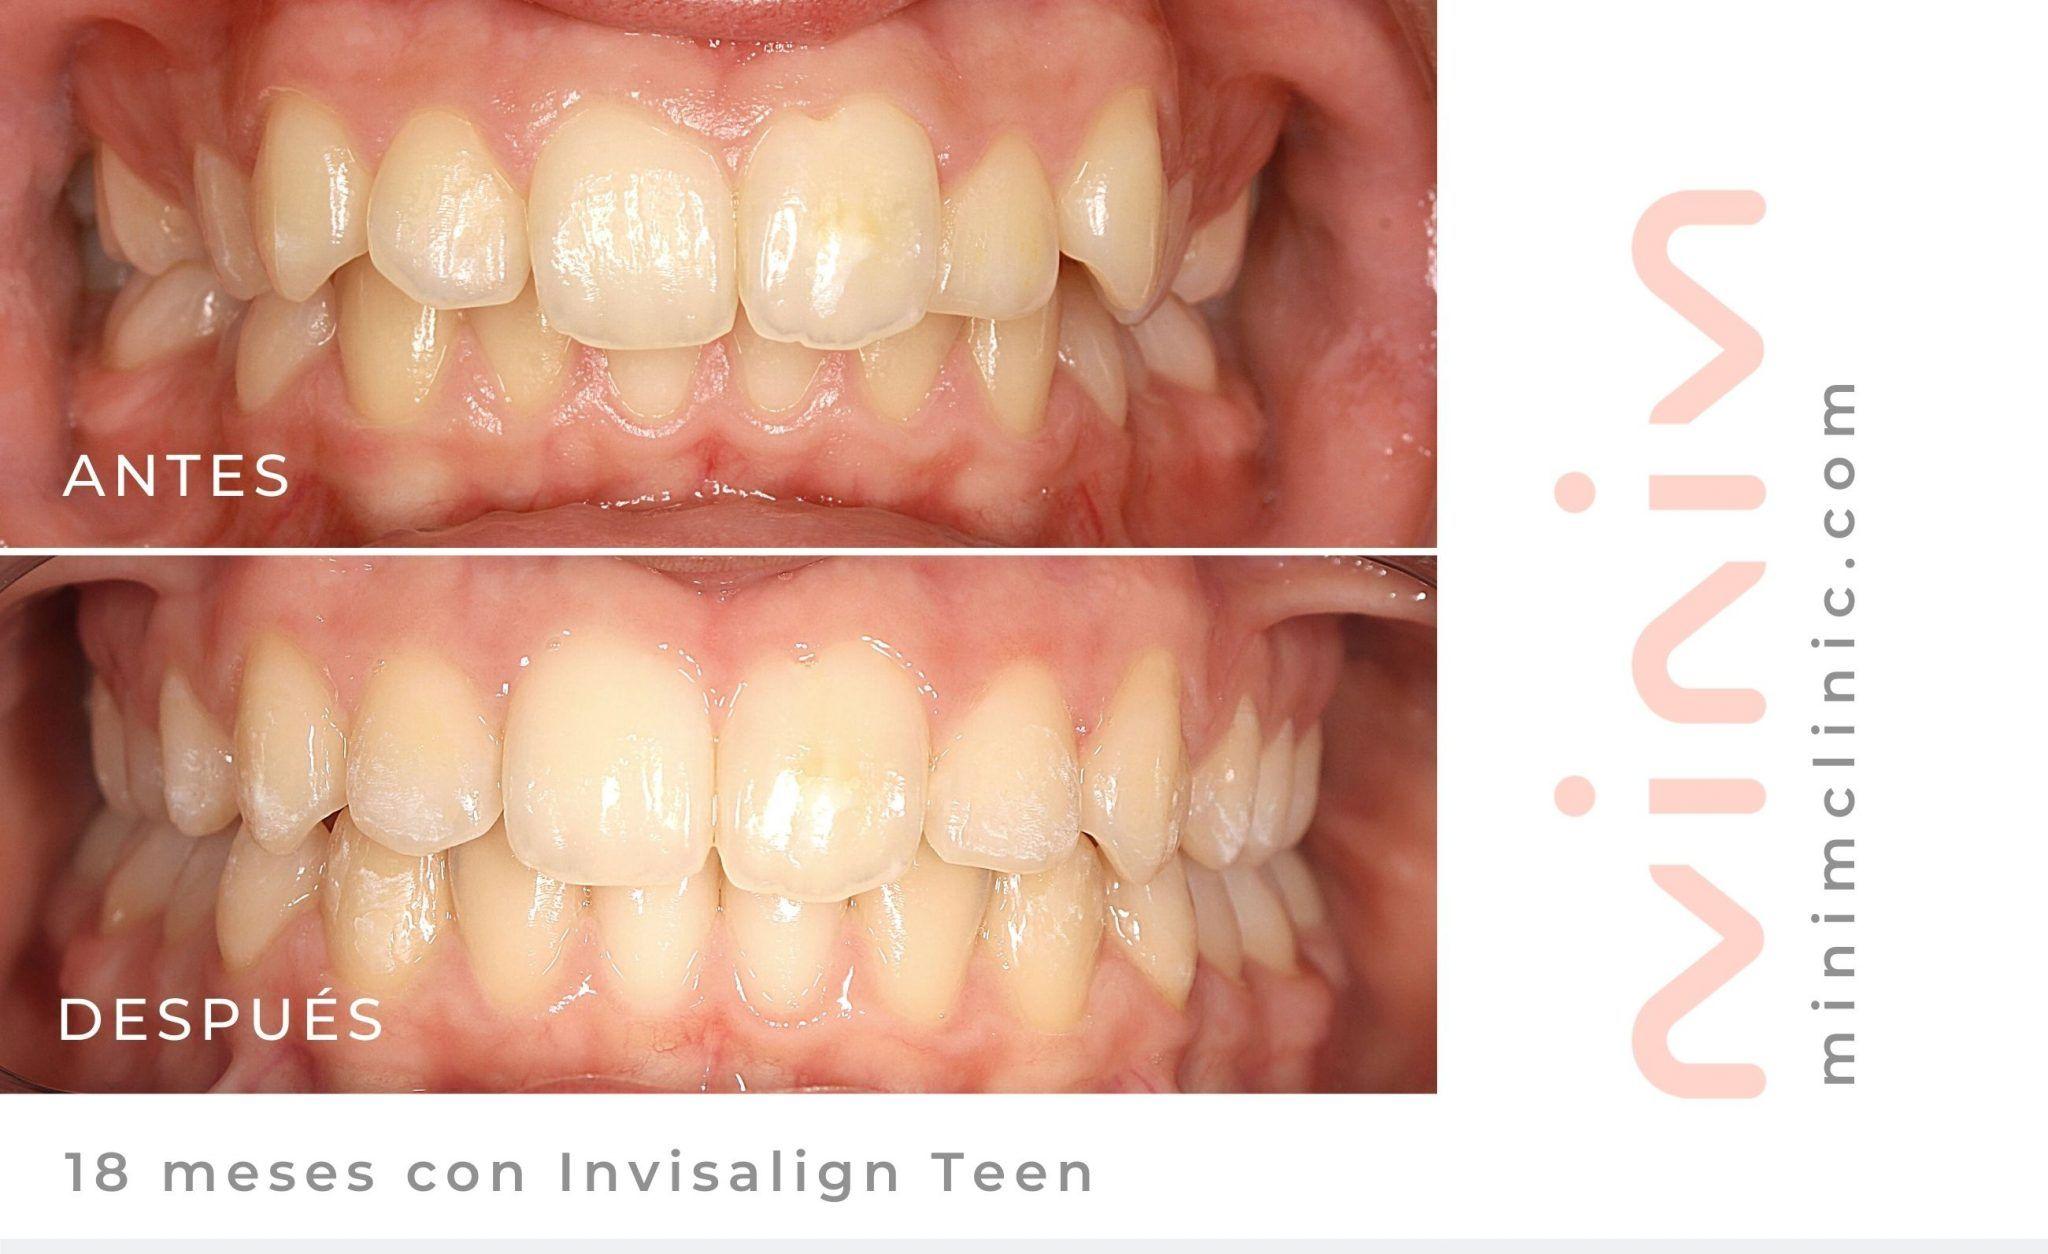 antes y después de 18 meses con el tratamiento de invisalign teen para adolescentes en MINIM Clinic